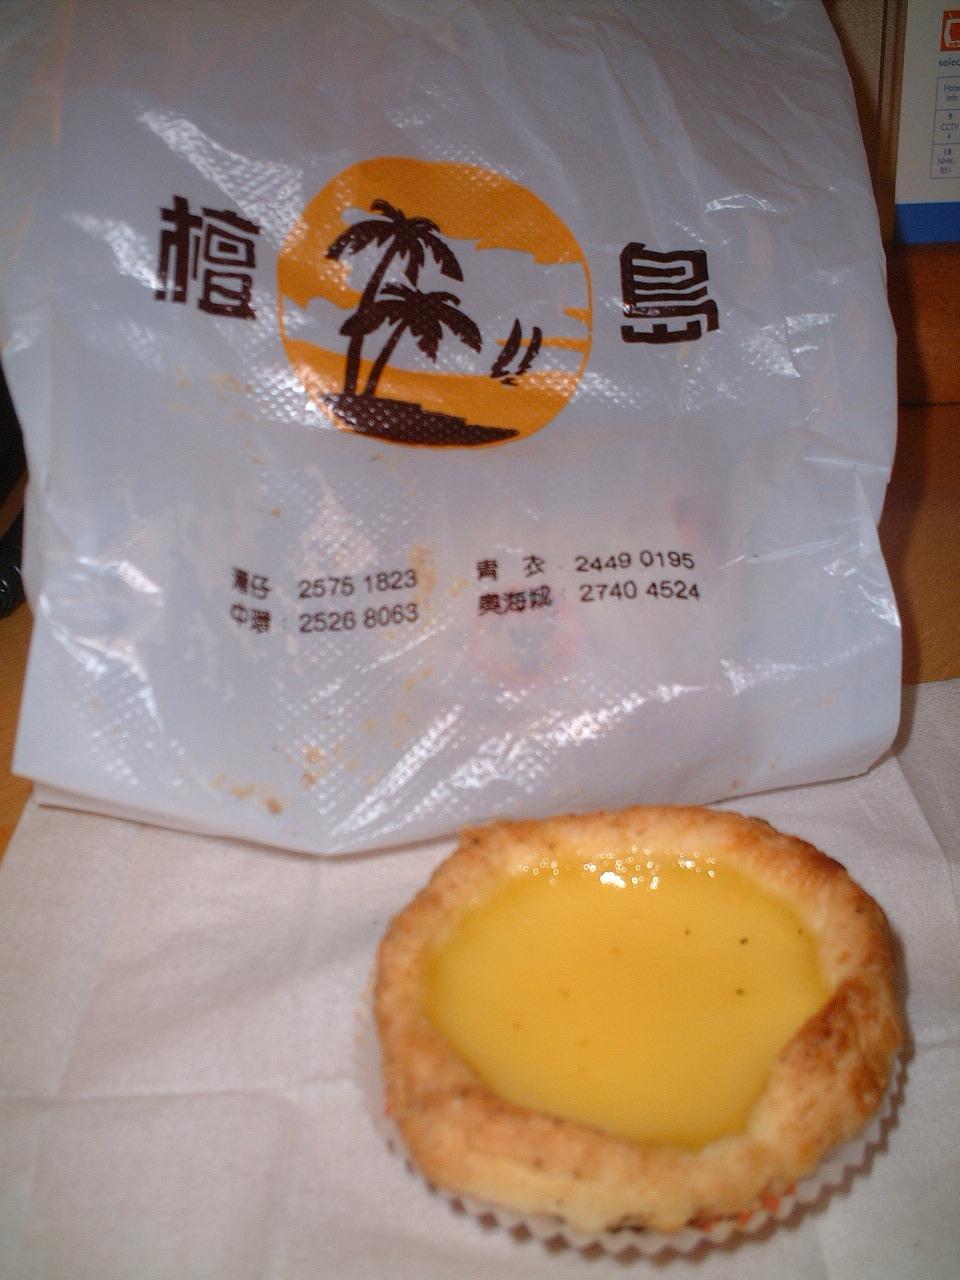 エッグタルト:檀島珈琲餅店